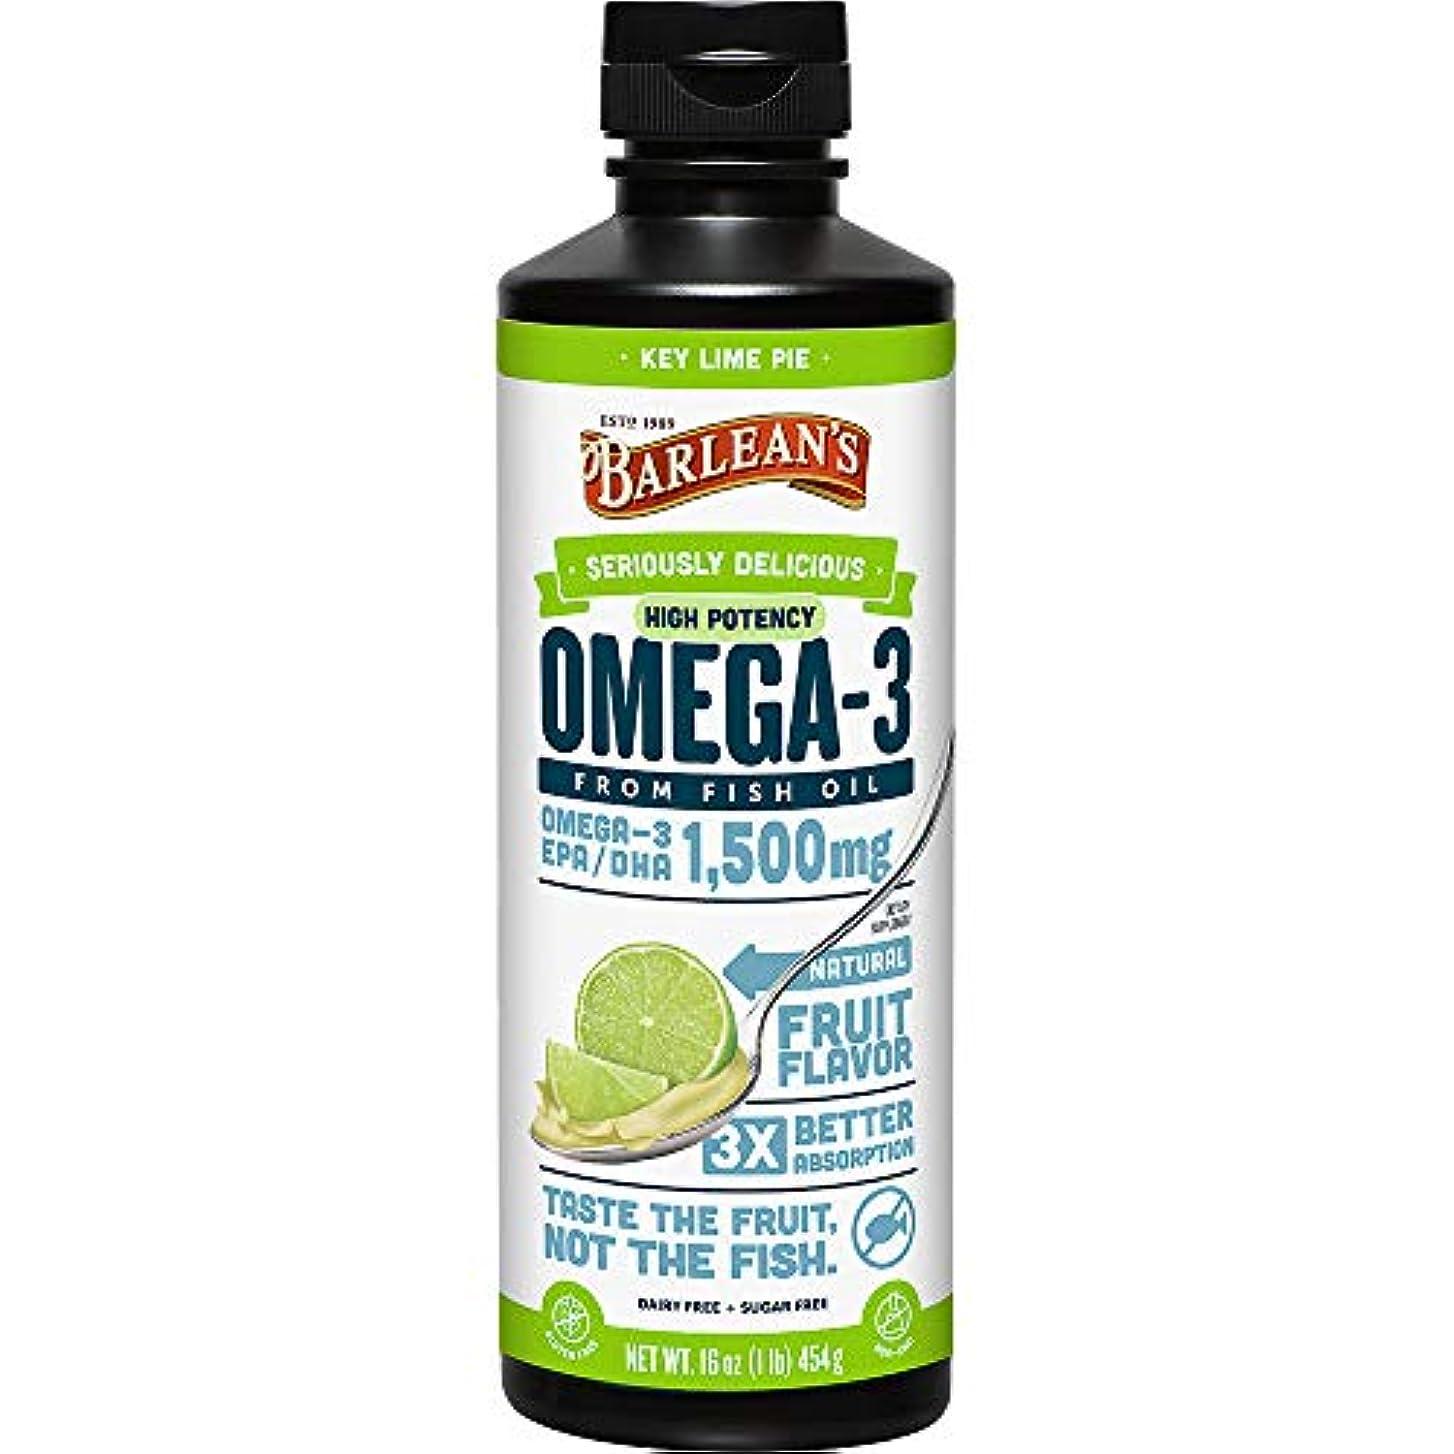 サバントブラスト書くBarlean's - Omegaの渦巻の魚オイルの超高い潜在的能力Key石灰 1500 mg。16ポンド